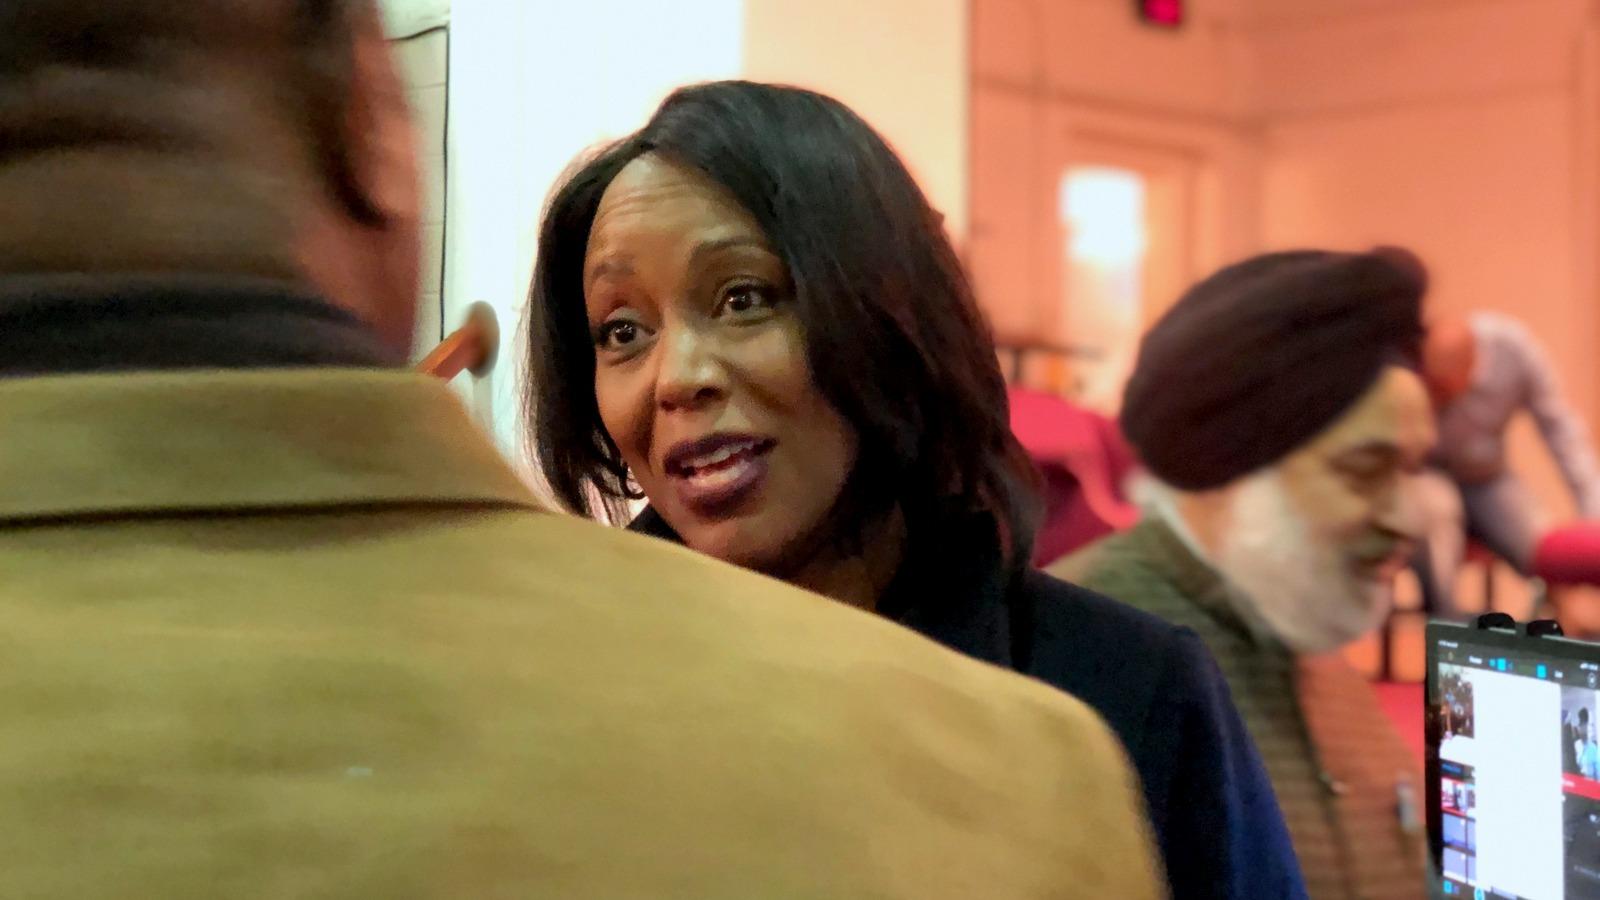 Maya Rockeymoore Cummings speaks with an audience member after the debate. (Ian Round)